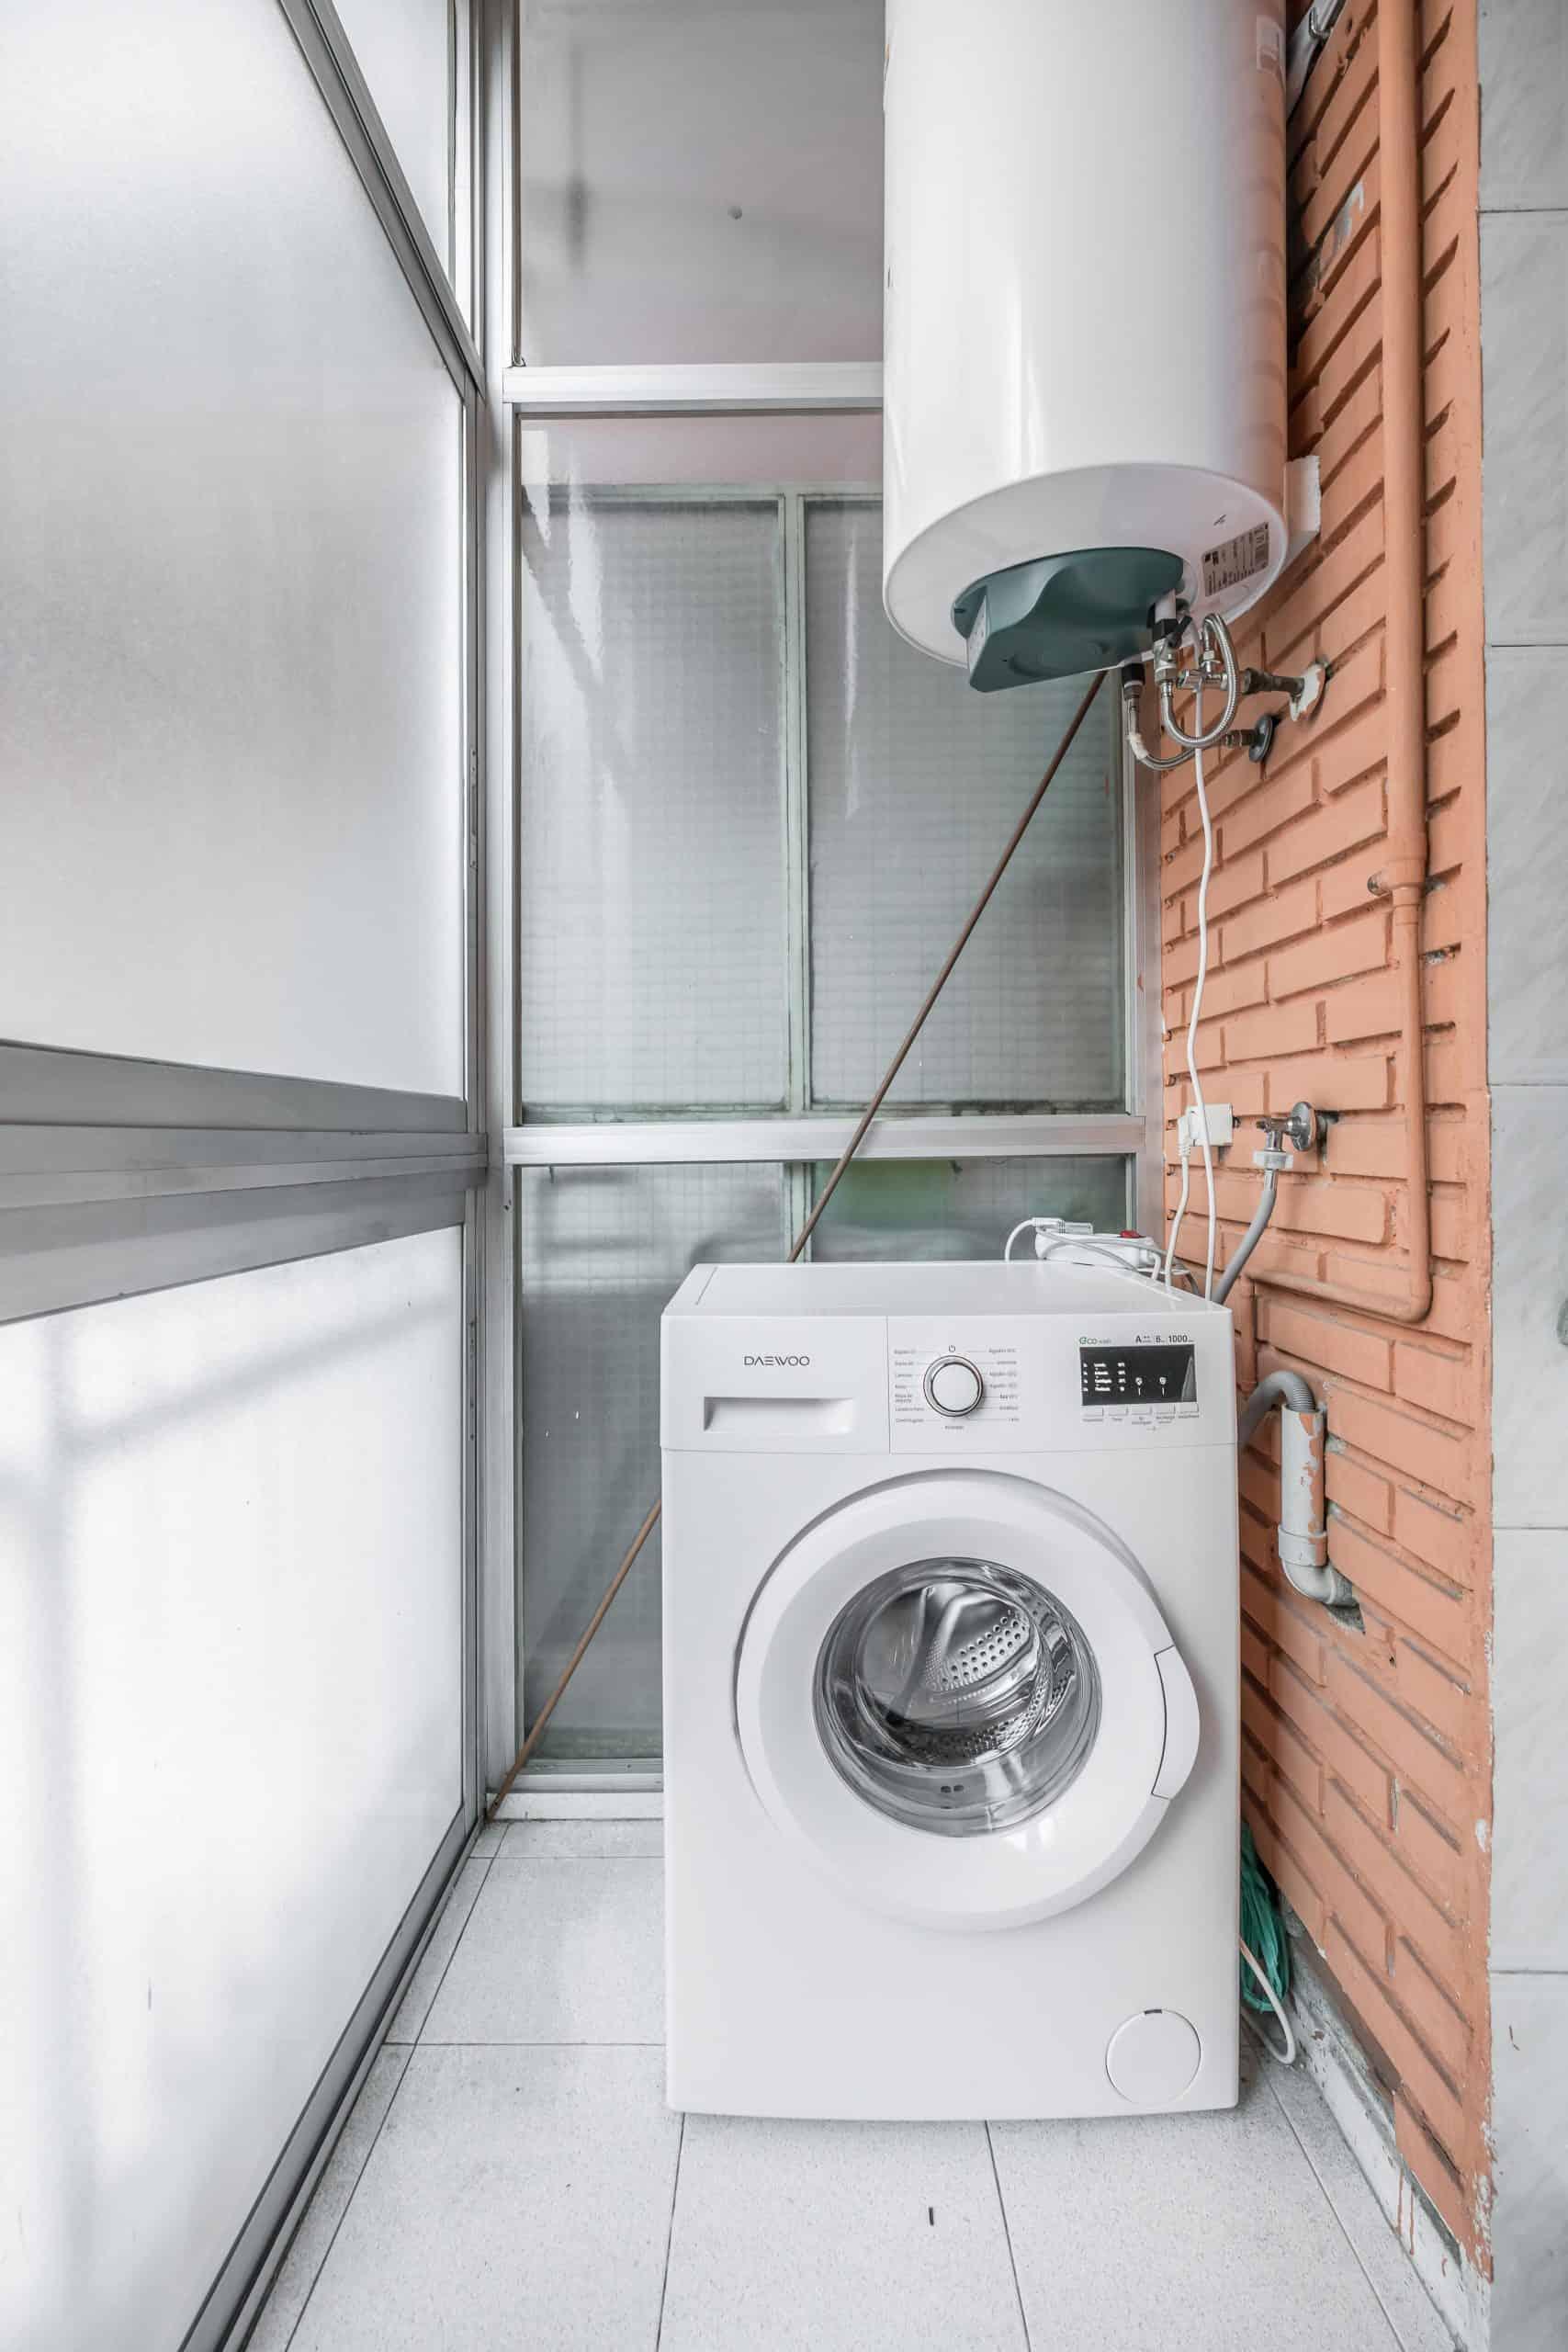 Agencia Inmobiliaria de Madrid-FUTUROCASA-Zona ARGANZUELA-LEGAZPI -calle Jaime Conquistador 48- Cocina 8